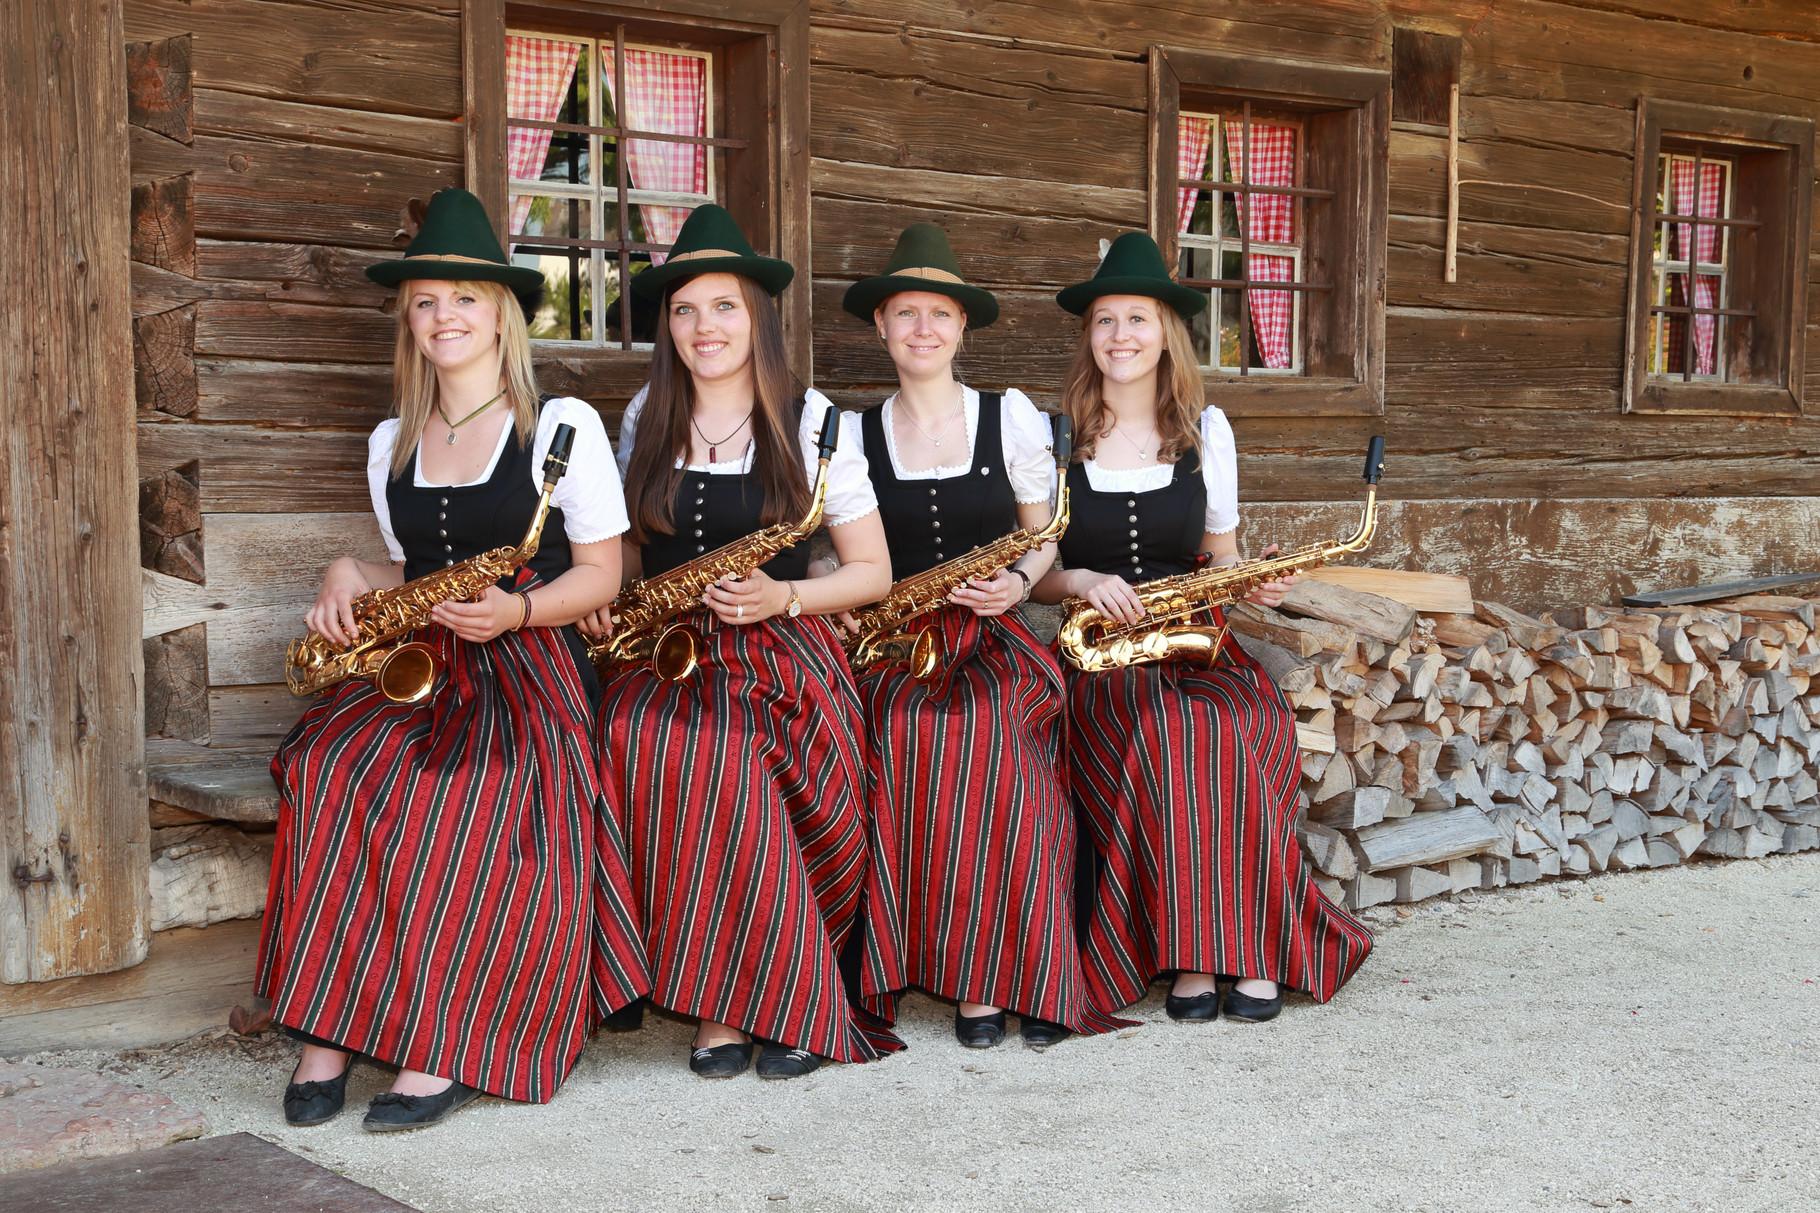 Ursula Enthammer, Julia Wittmeier, Gerlinde Maislinger, Daniela Altenbuchner